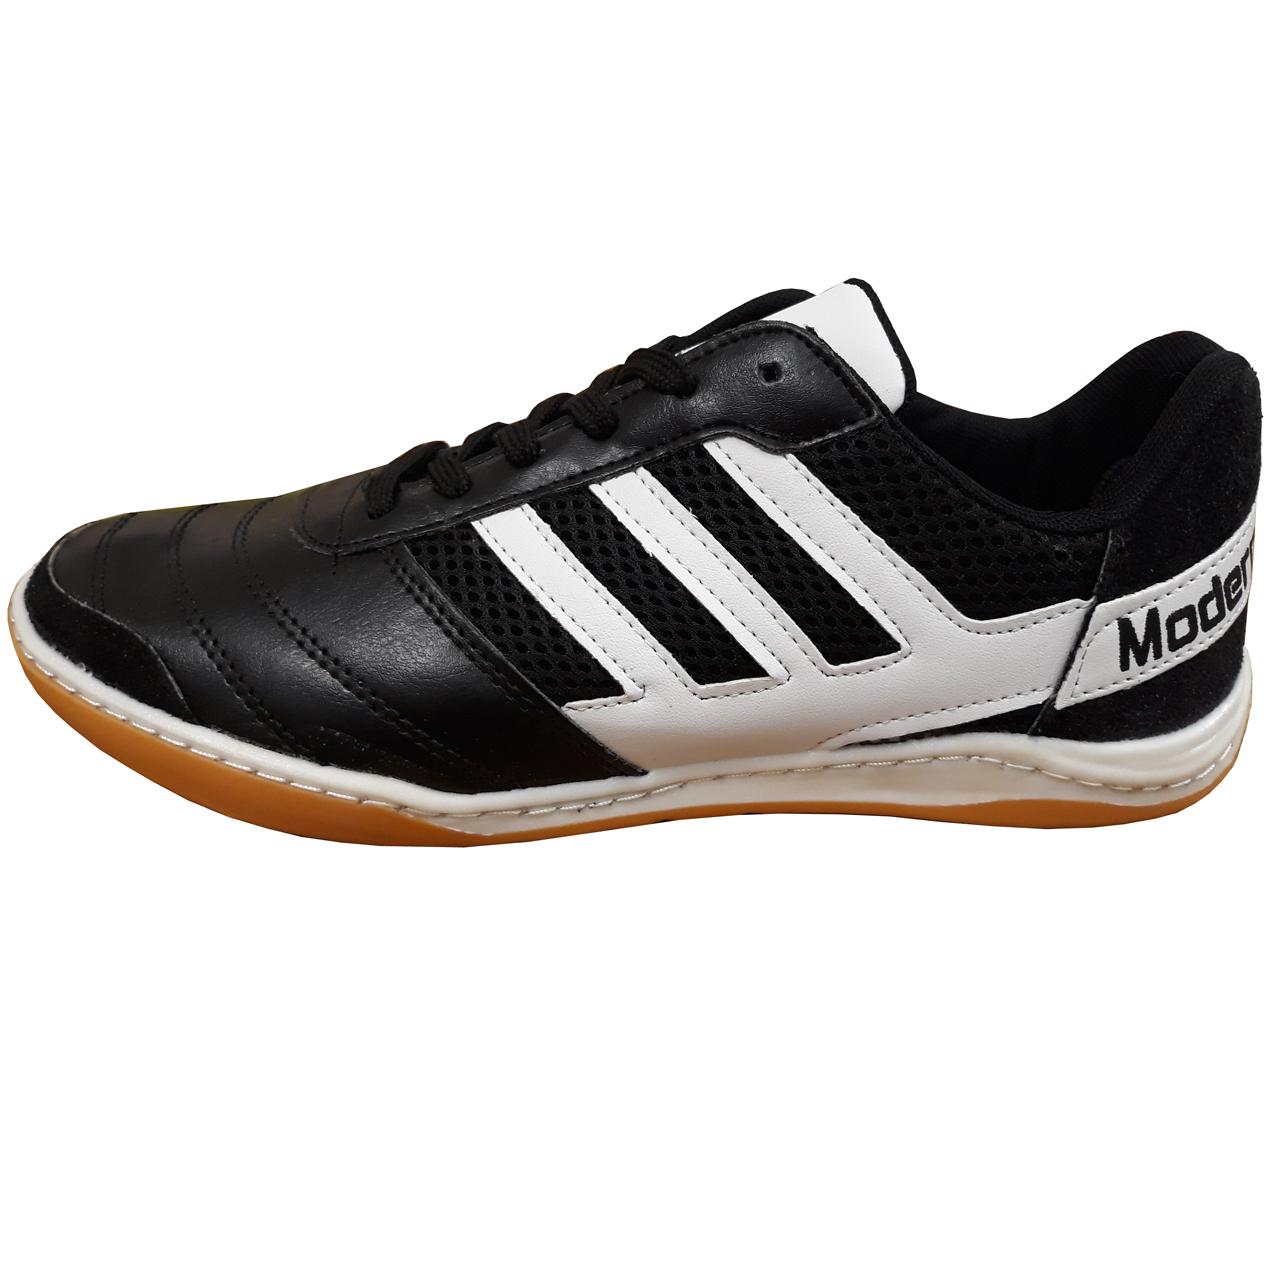 کفش فوتسال مردانه مدرن مدل MOD2